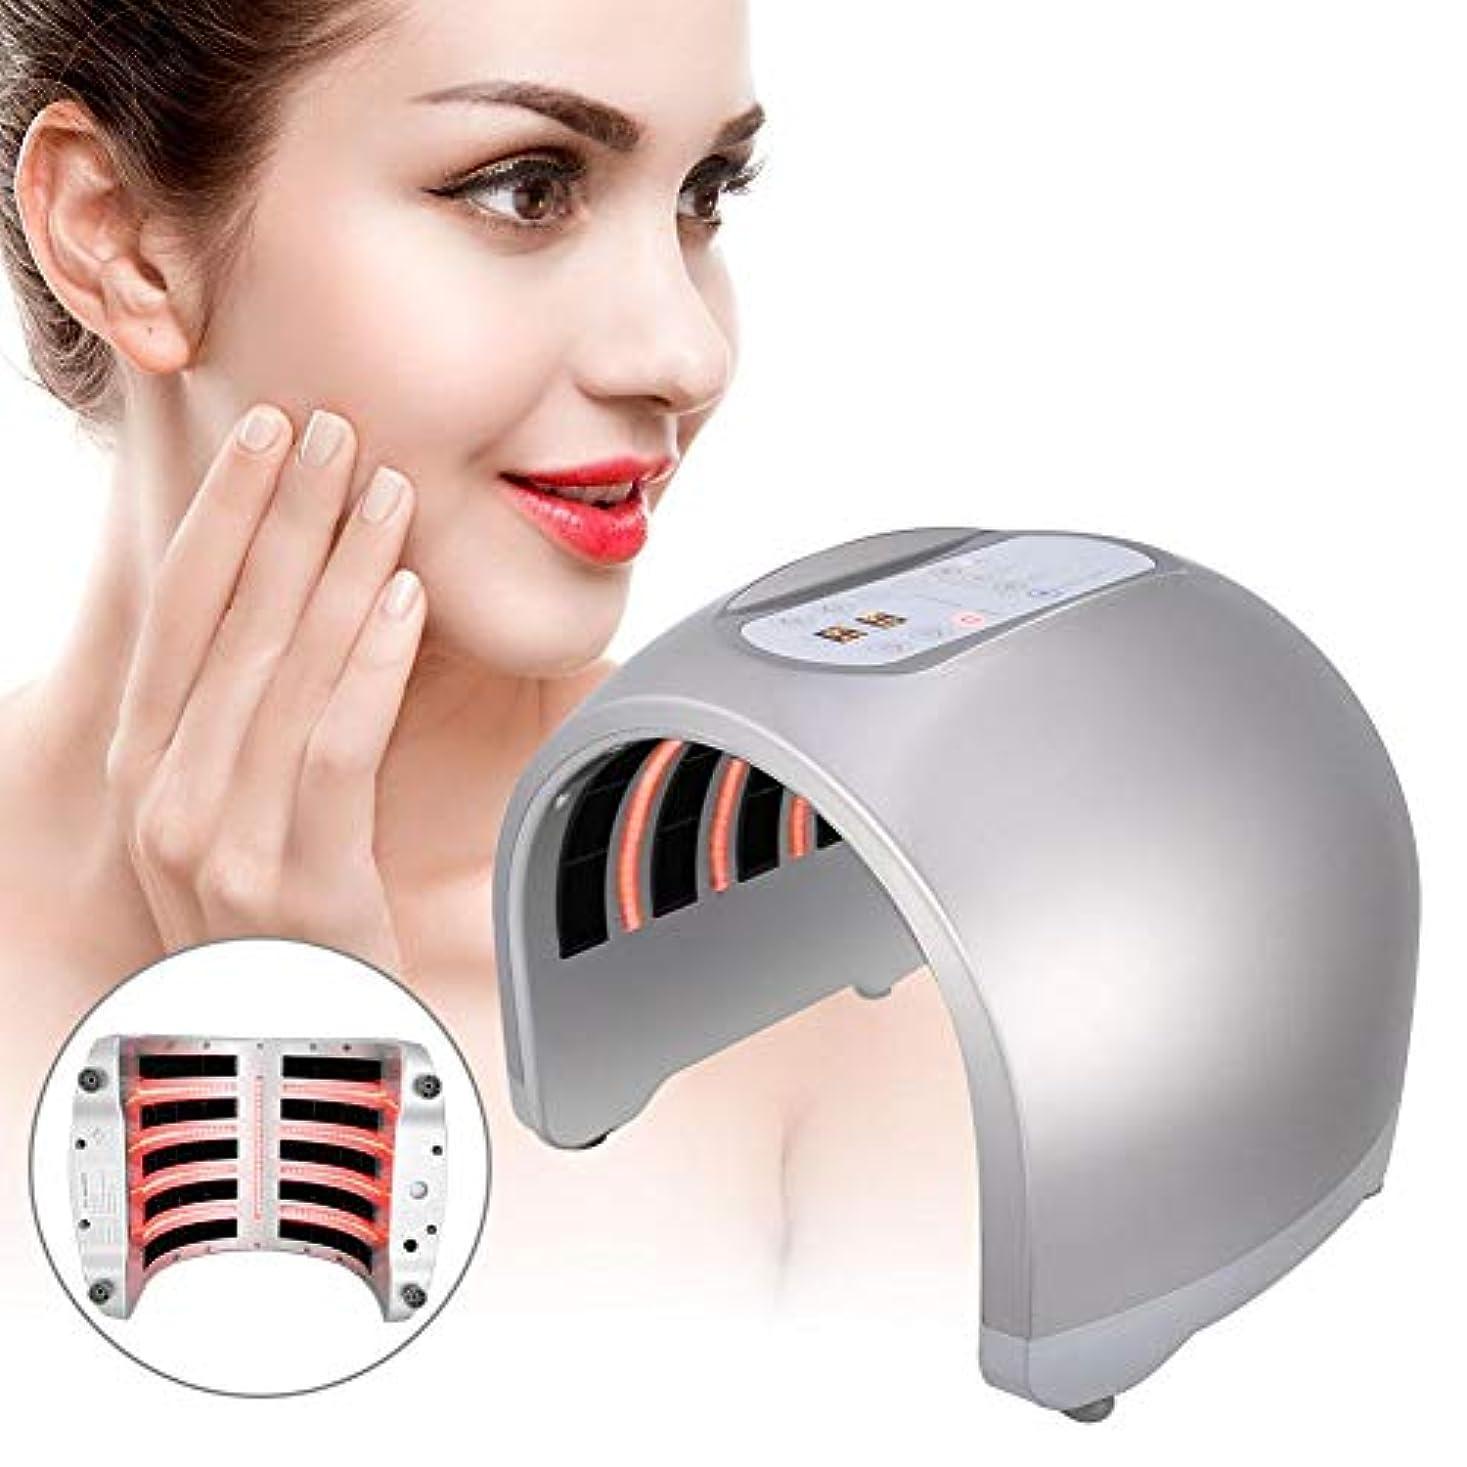 ブラインド写真のアルプス肌の若返りLED機器-PDT 4色LEDライトフェイシャルボディスキンケア美容デバイス、しわを改善(米国のプラグ)